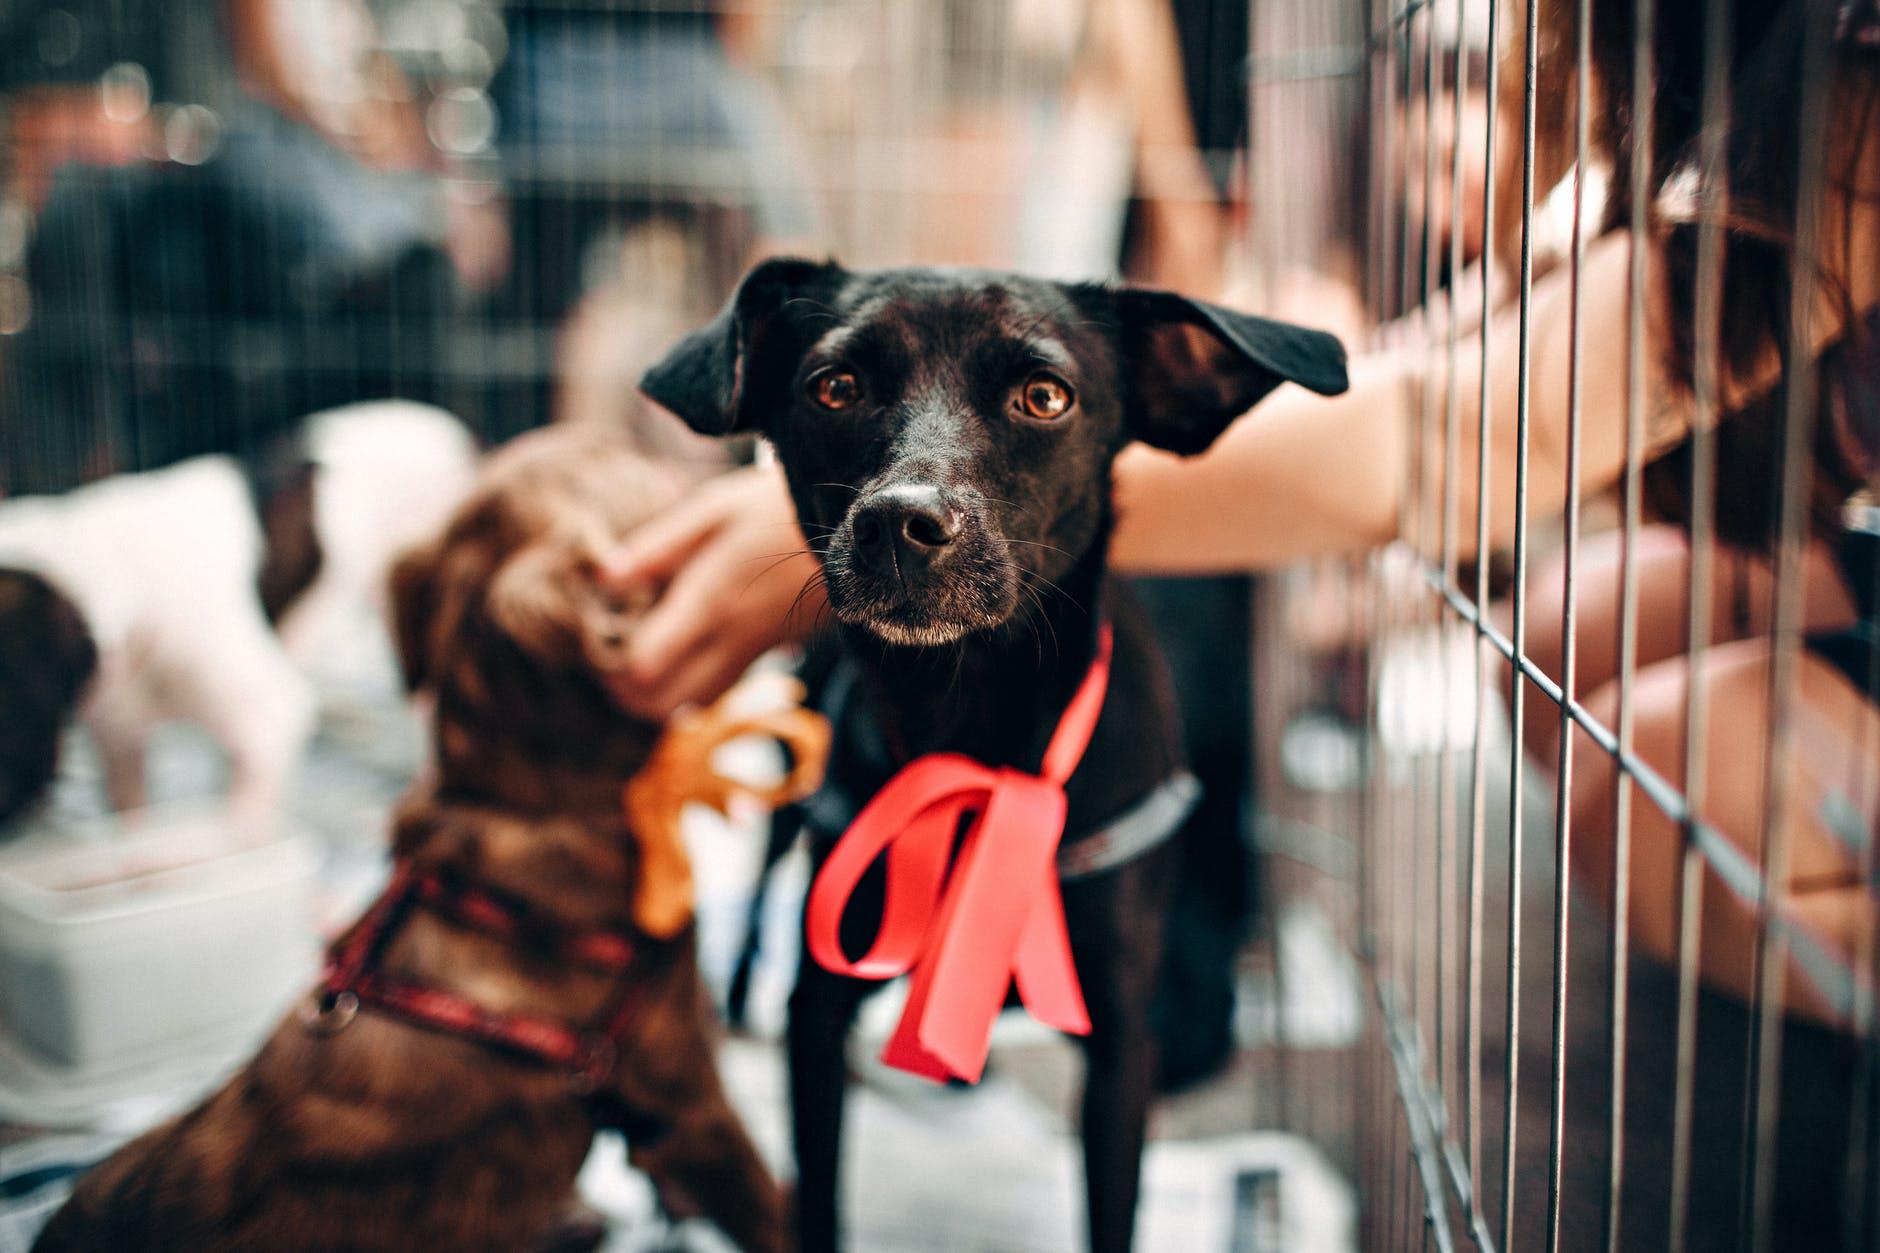 Apprendre à utiliser les cages pour chiens